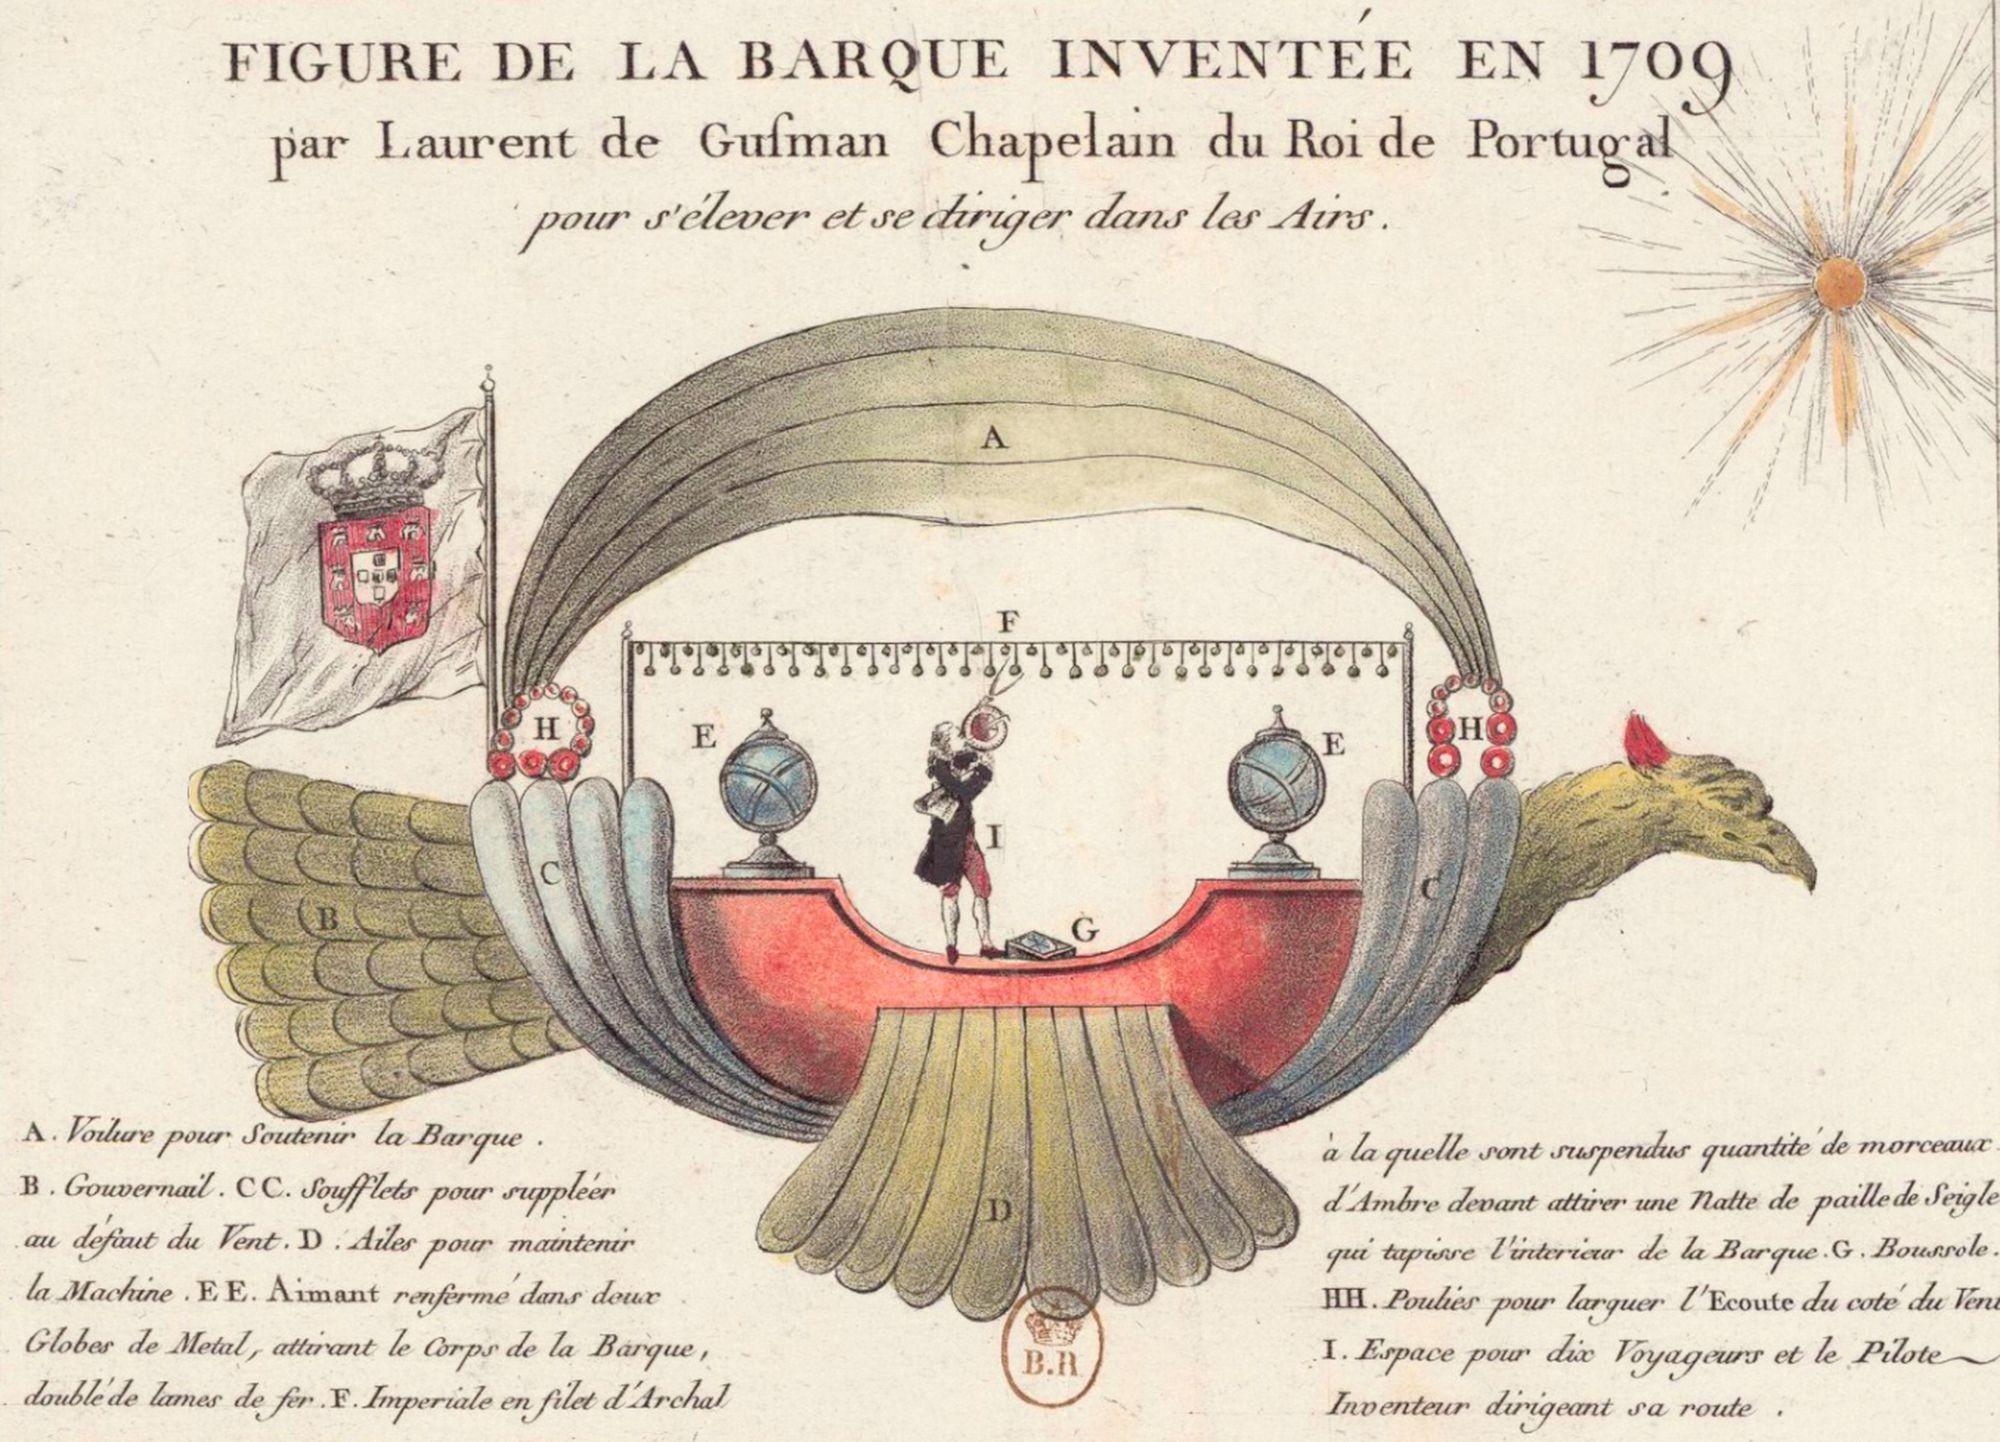 Laurent de Gusmão, Barque pour s'élever dans les airs inventée en 1709, v. 1784, estampe, 13,6 x 18,5 cm, BnF, Paris